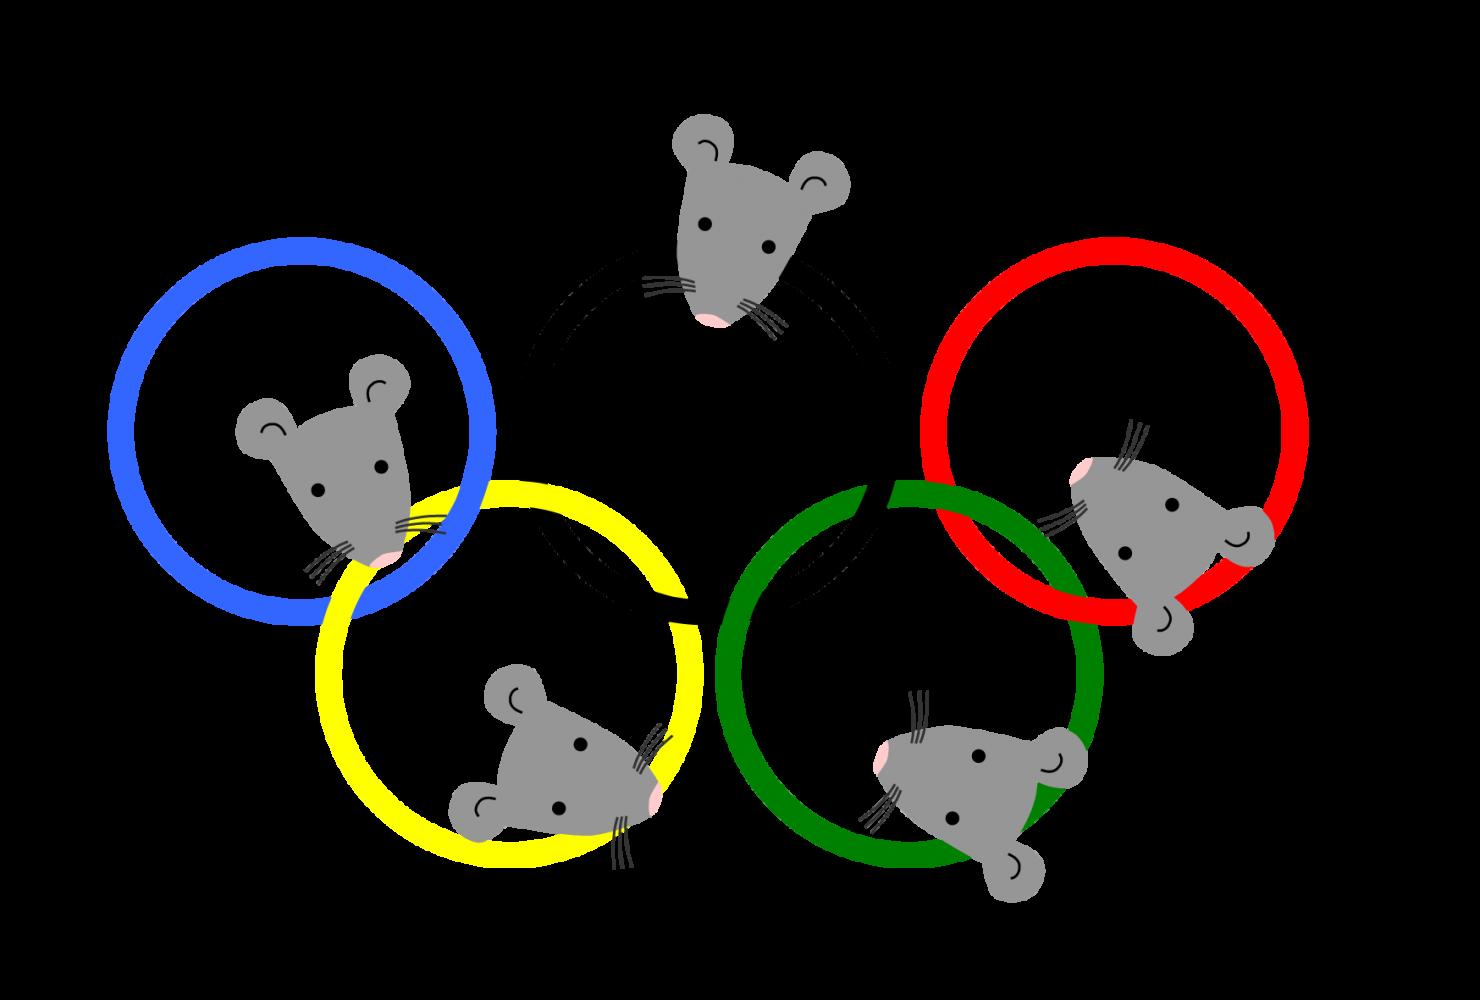 ねずみと五輪1 (ネズミ 子年年賀状素材 オリンピック)